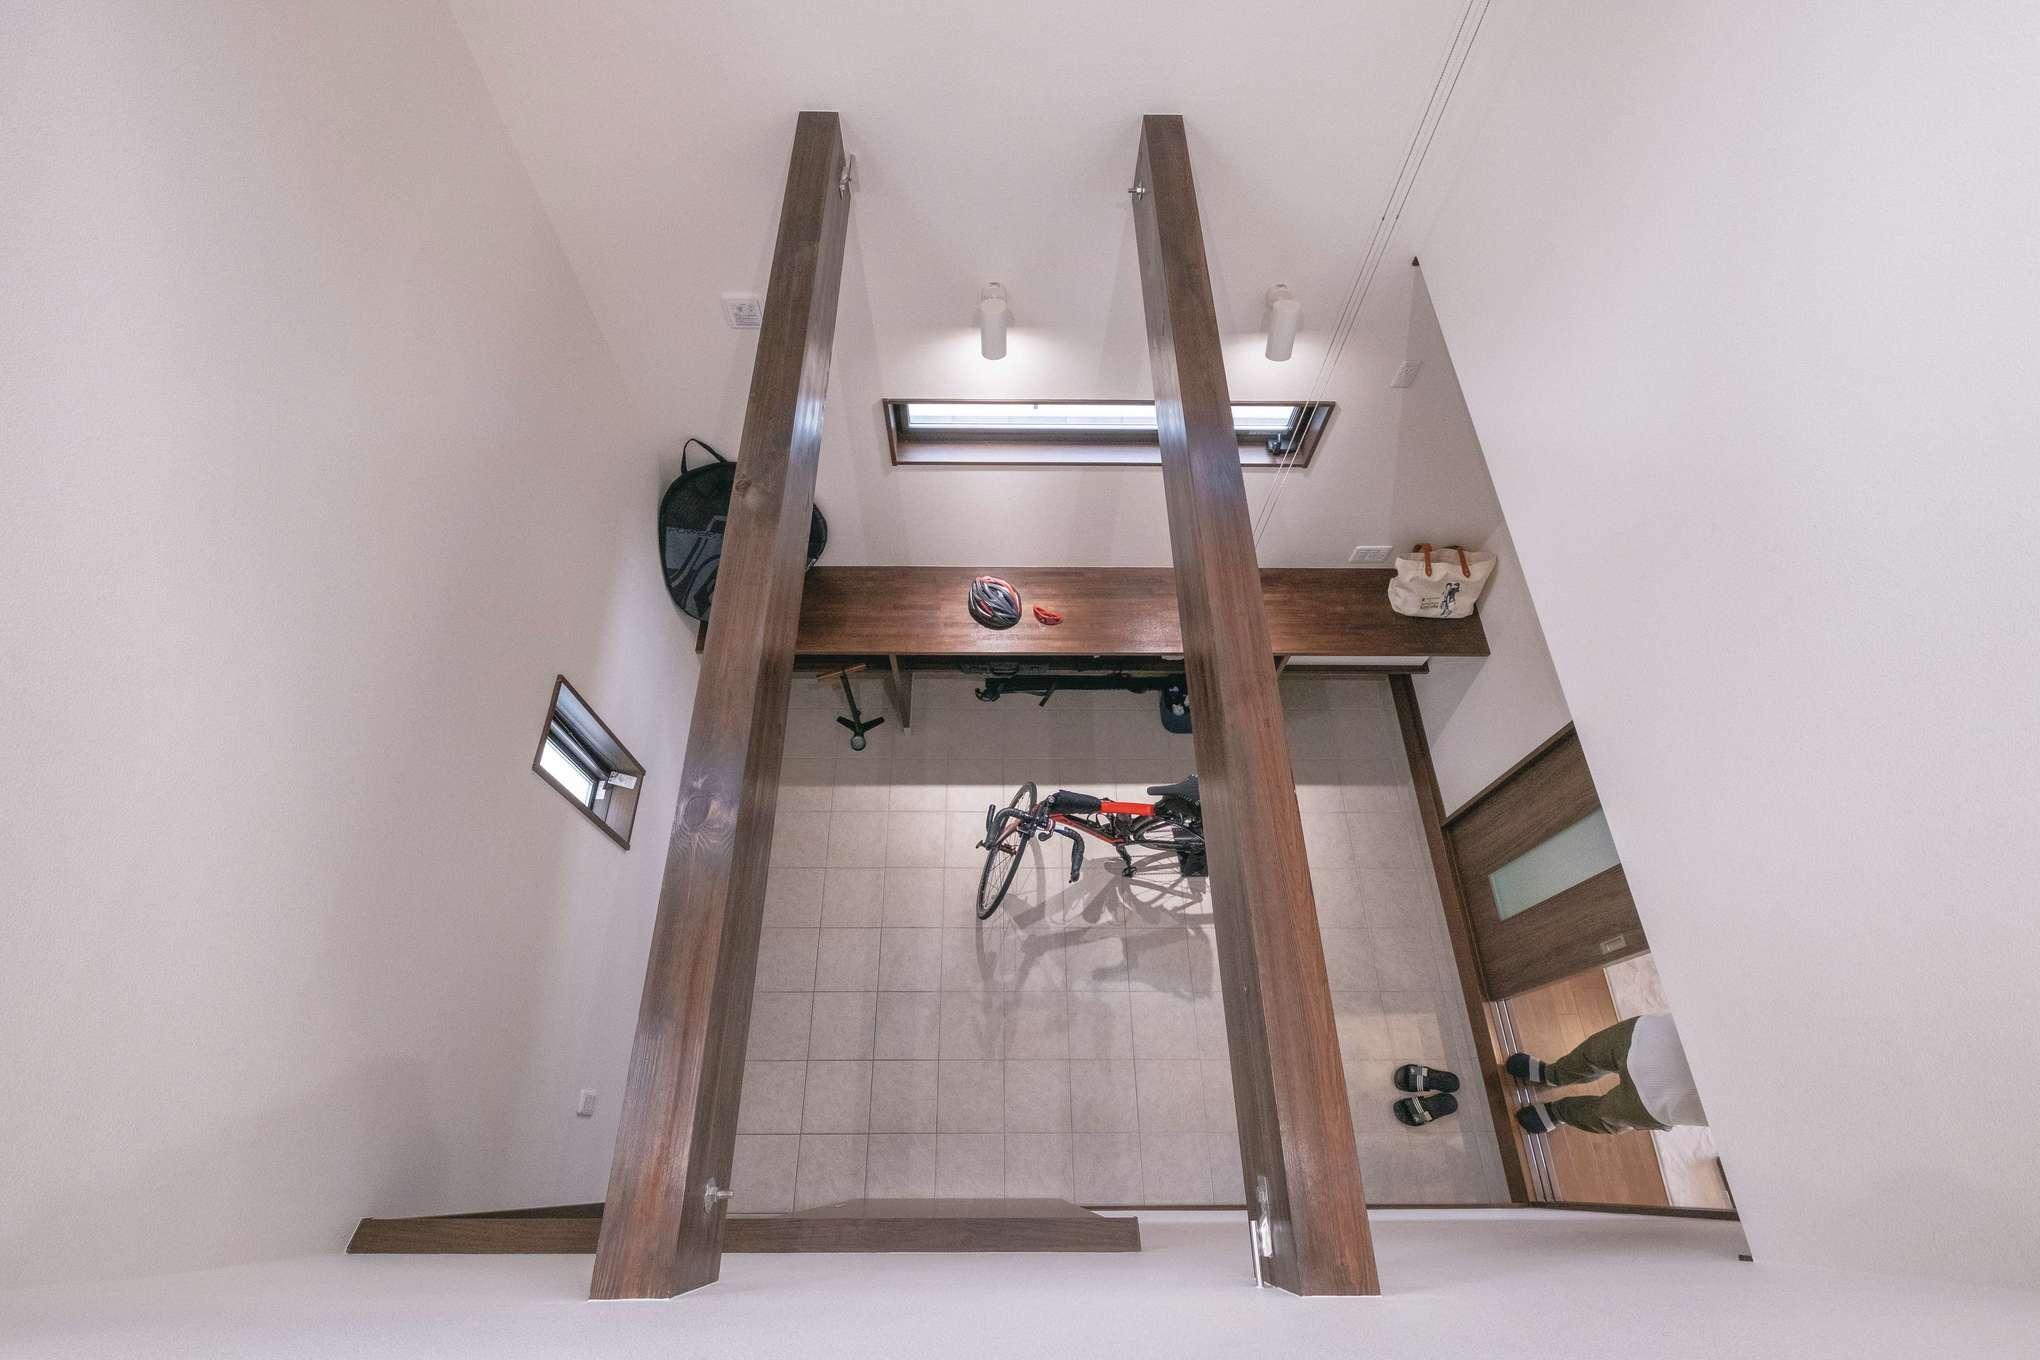 興友ハウス【趣味、間取り、ガレージ】サイクルスペースの吹き抜けにある梁は、床を設置できる強度に設計。将来的に一部屋増やすことも可能だ